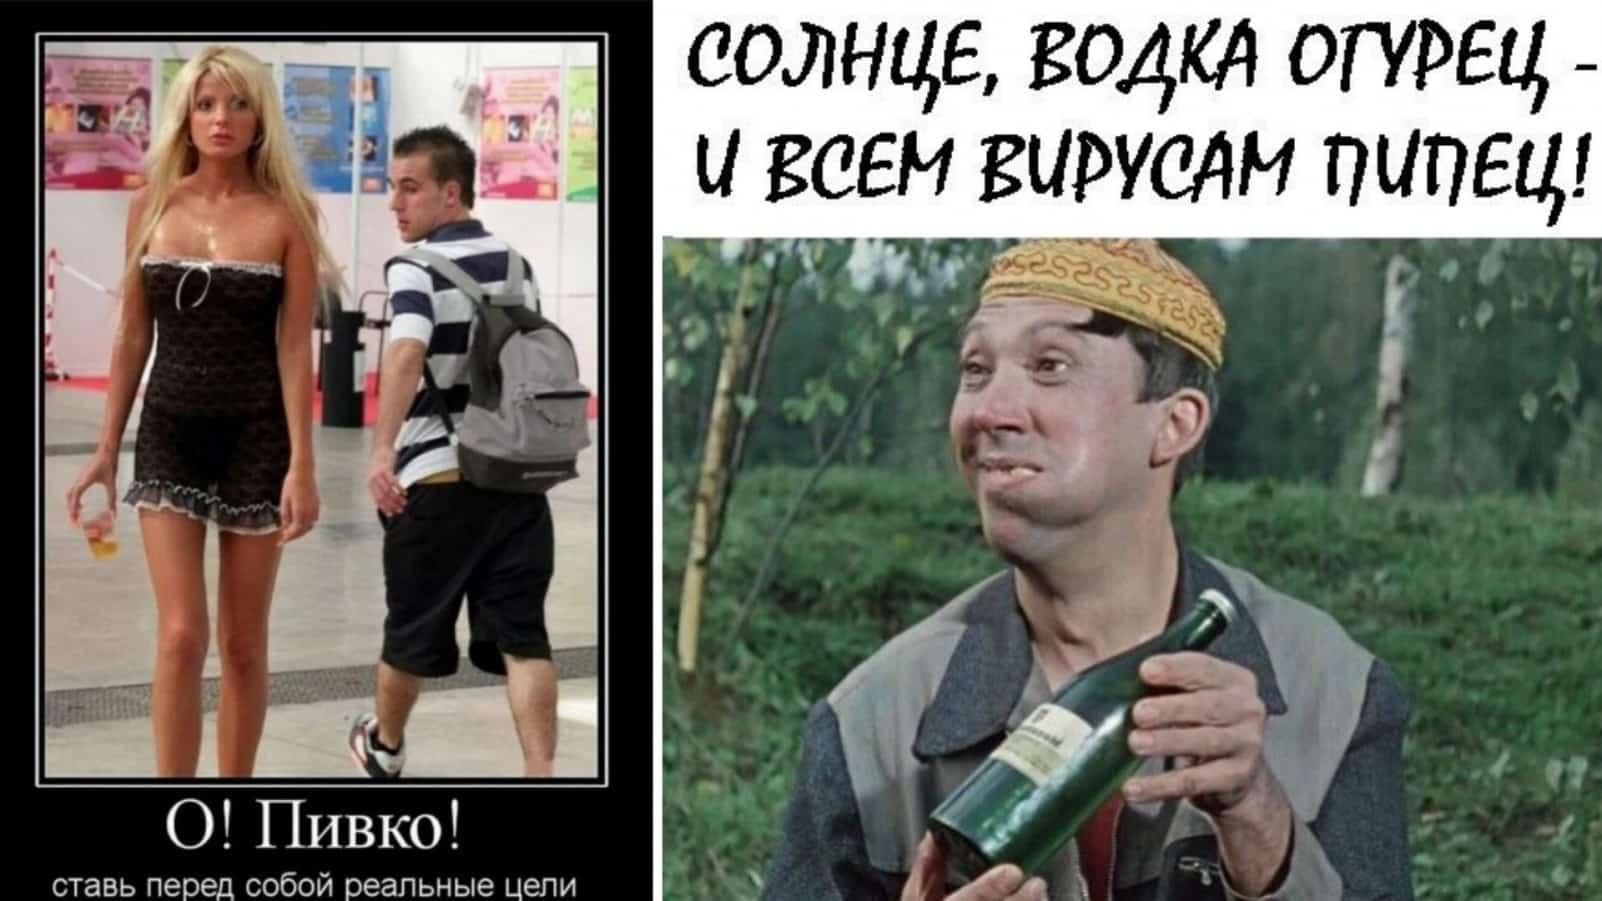 Пост алкогольного юмора на выходные и солнце, водка, огурец